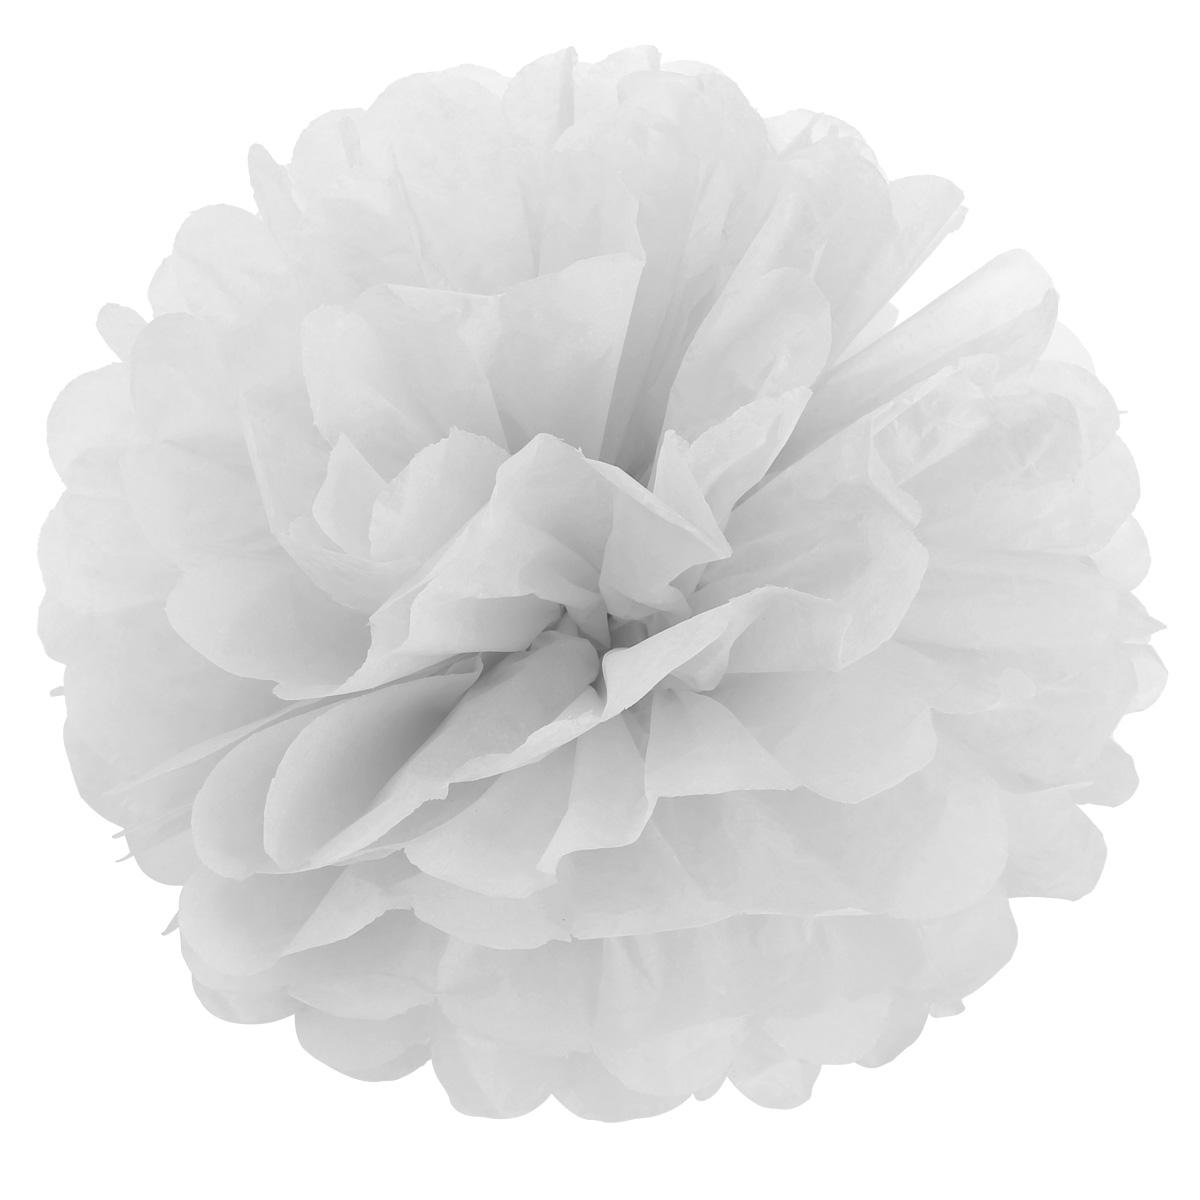 10tlg 20cm weiss pompom papier blumen hochzeit geburtstag deko dekoration. Black Bedroom Furniture Sets. Home Design Ideas